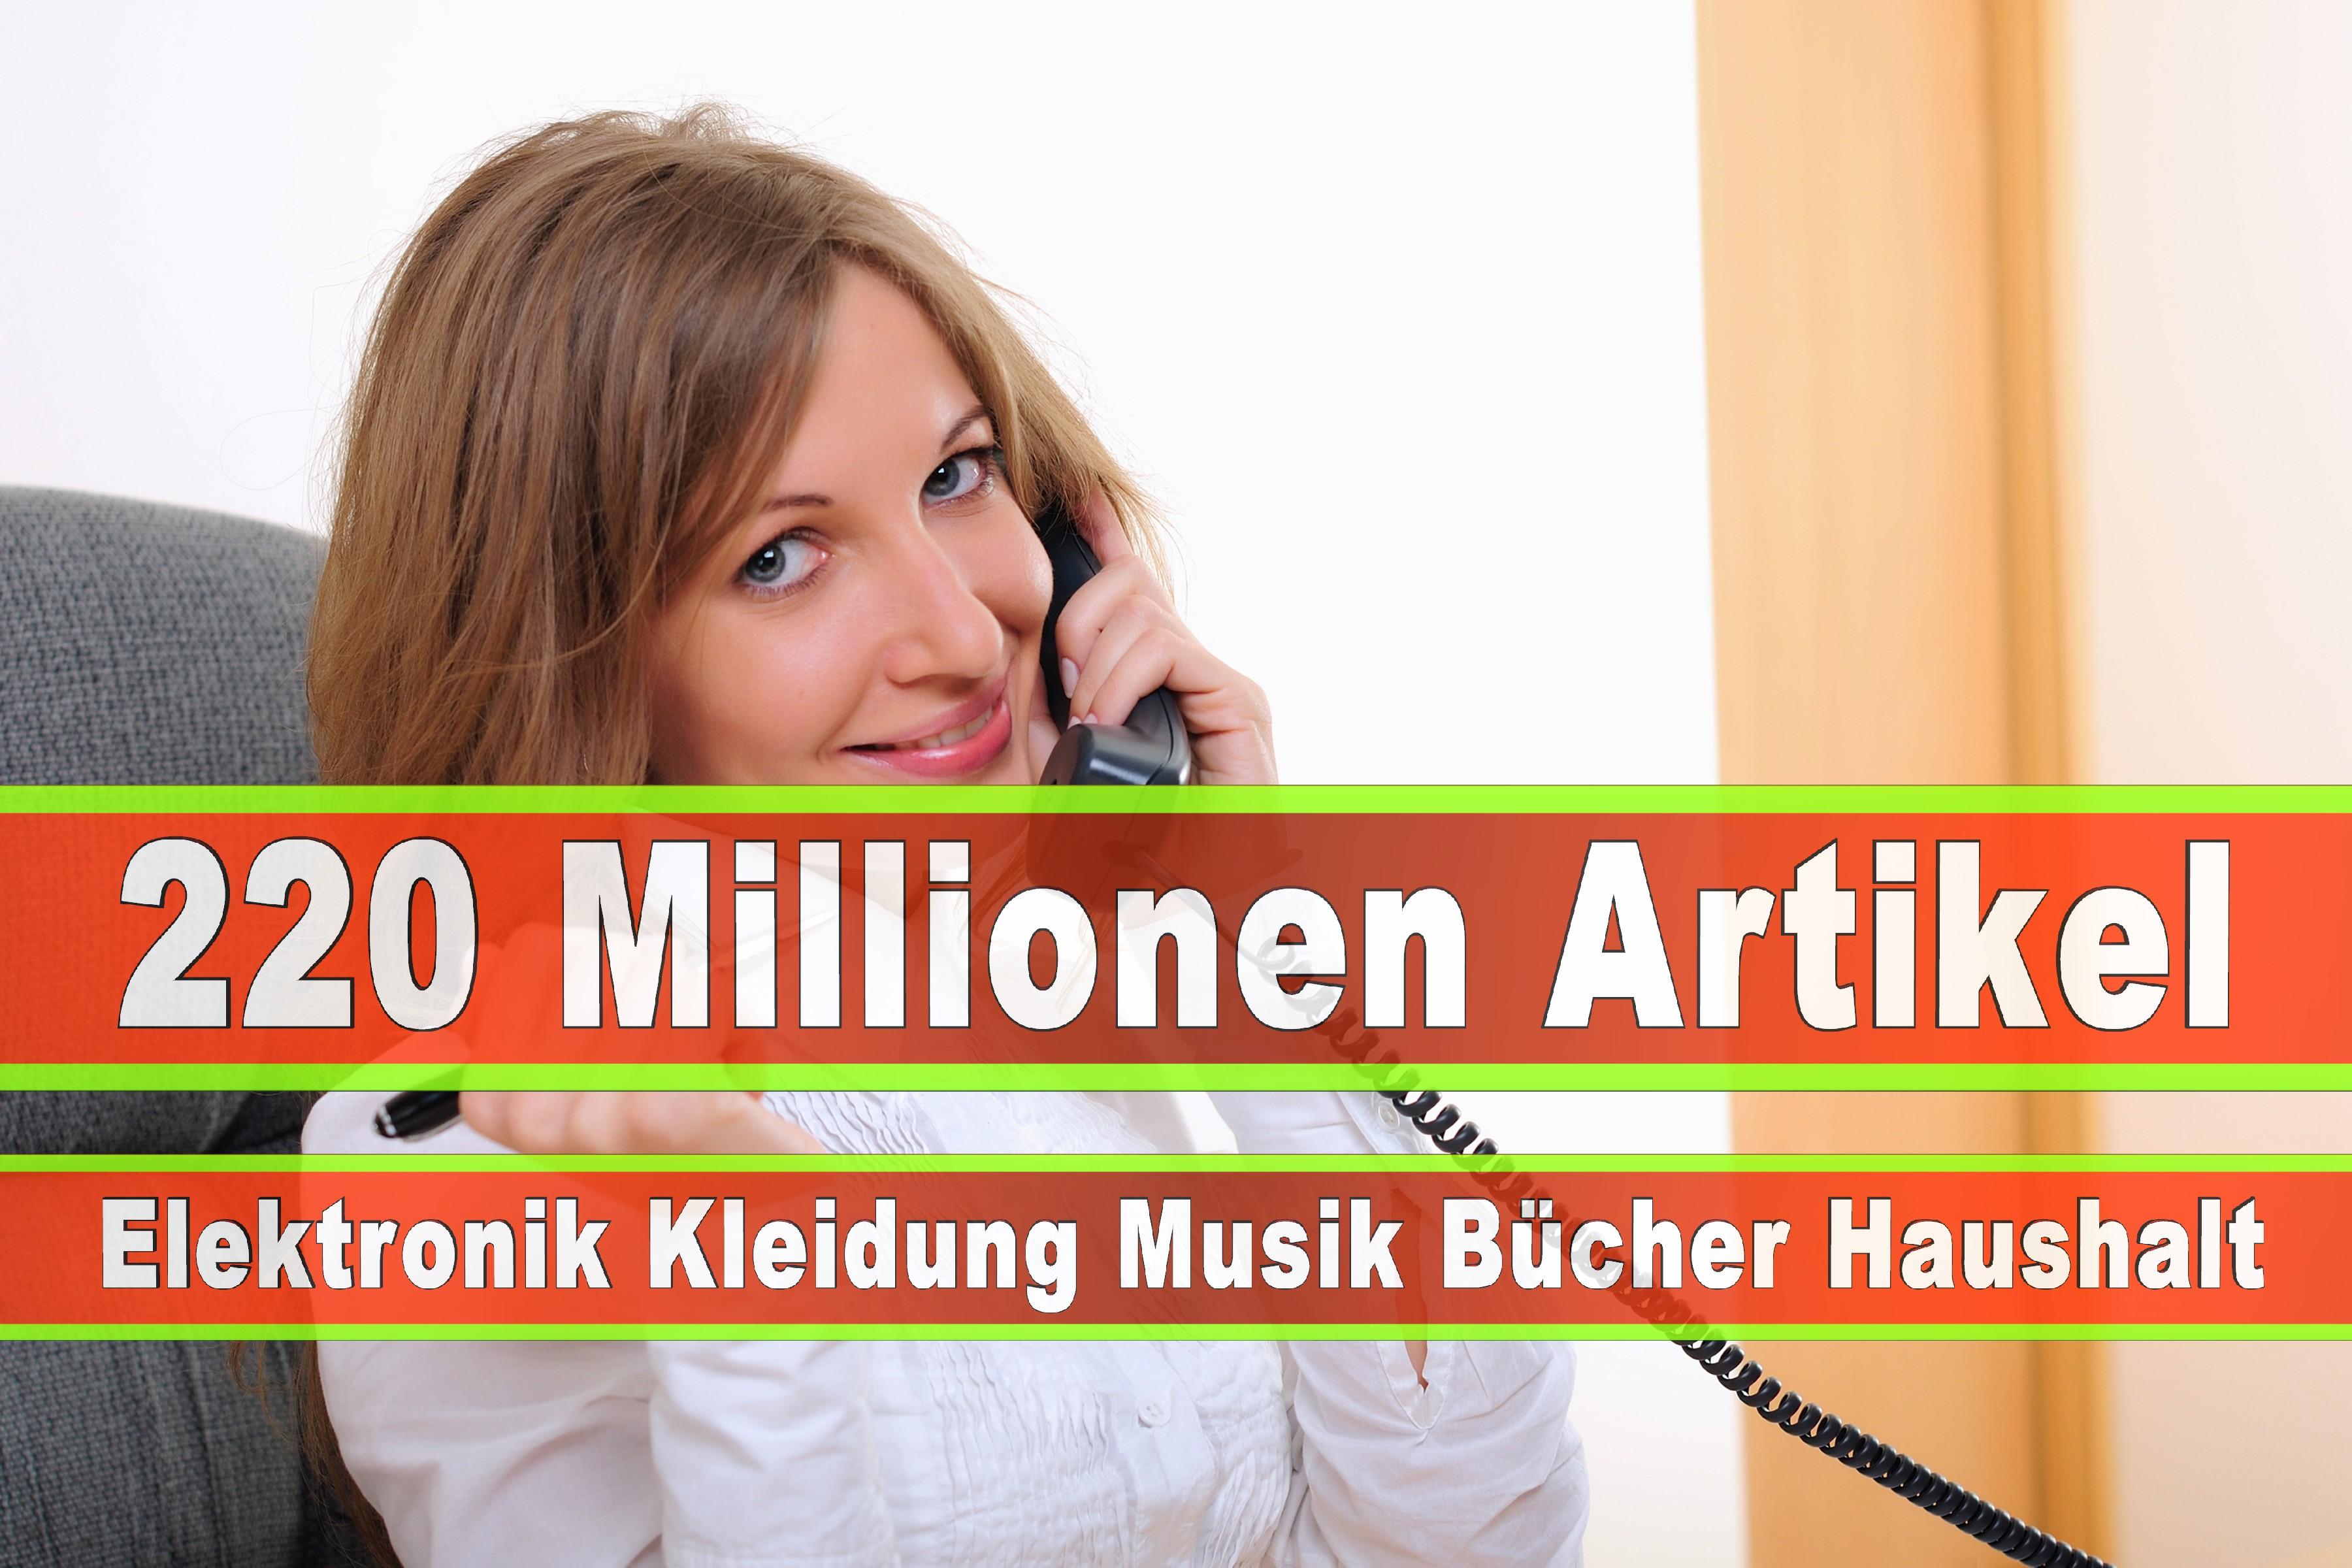 Amazon Elektronik Musik Haushalt Bücher CD DVD Handys Smartphones TV Television Fernseher Kleidung Mode Ebay Versandhaus (124)